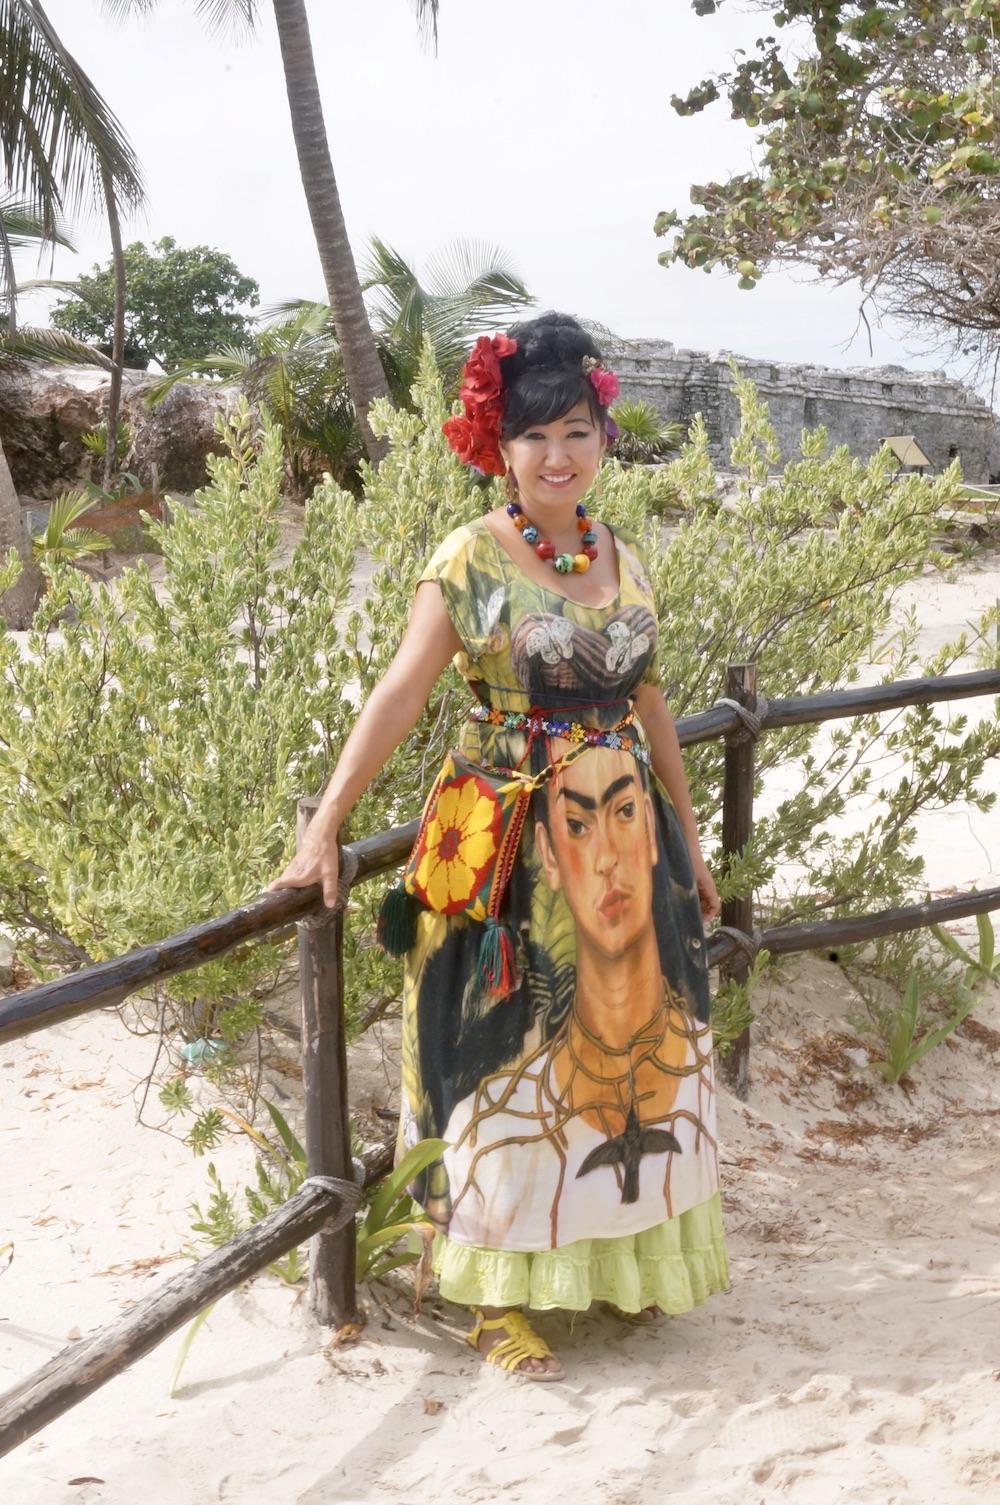 tulum-ruins-ruinas-mexico-woman-frida-khalo-dress-mujer